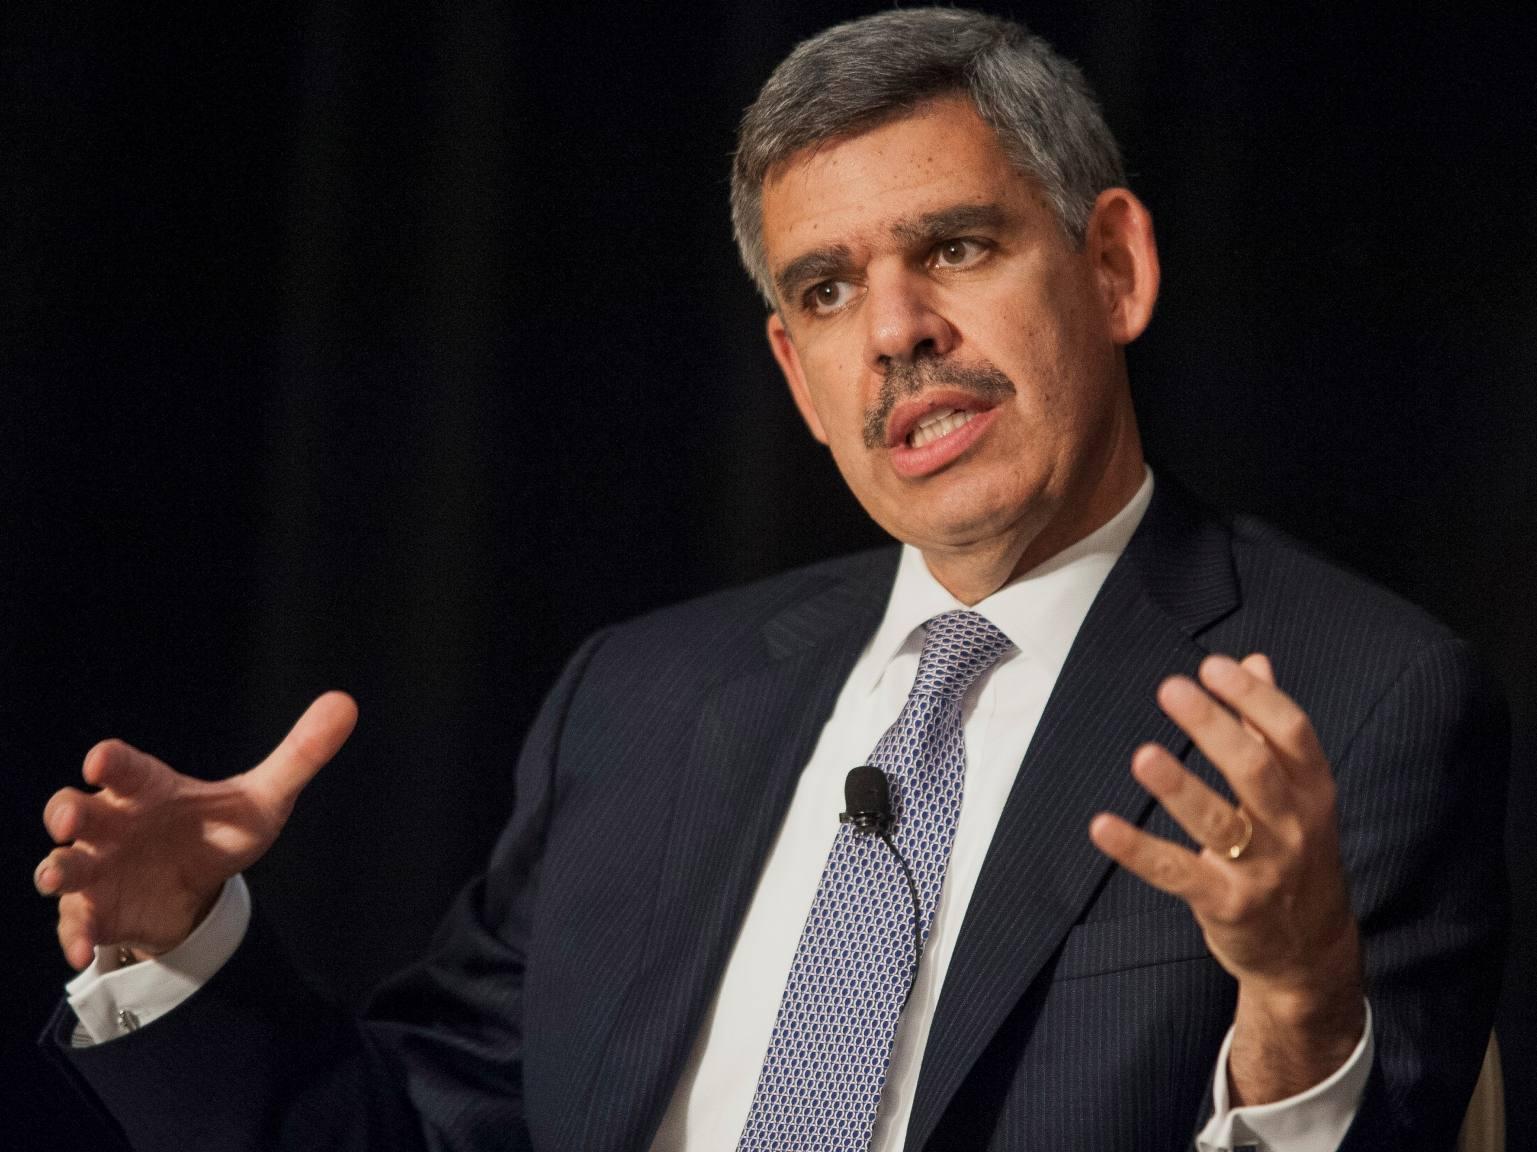 توقعات الخبير الاقتصادي محمد العريان لمعدلات الفائدة الأمريكية